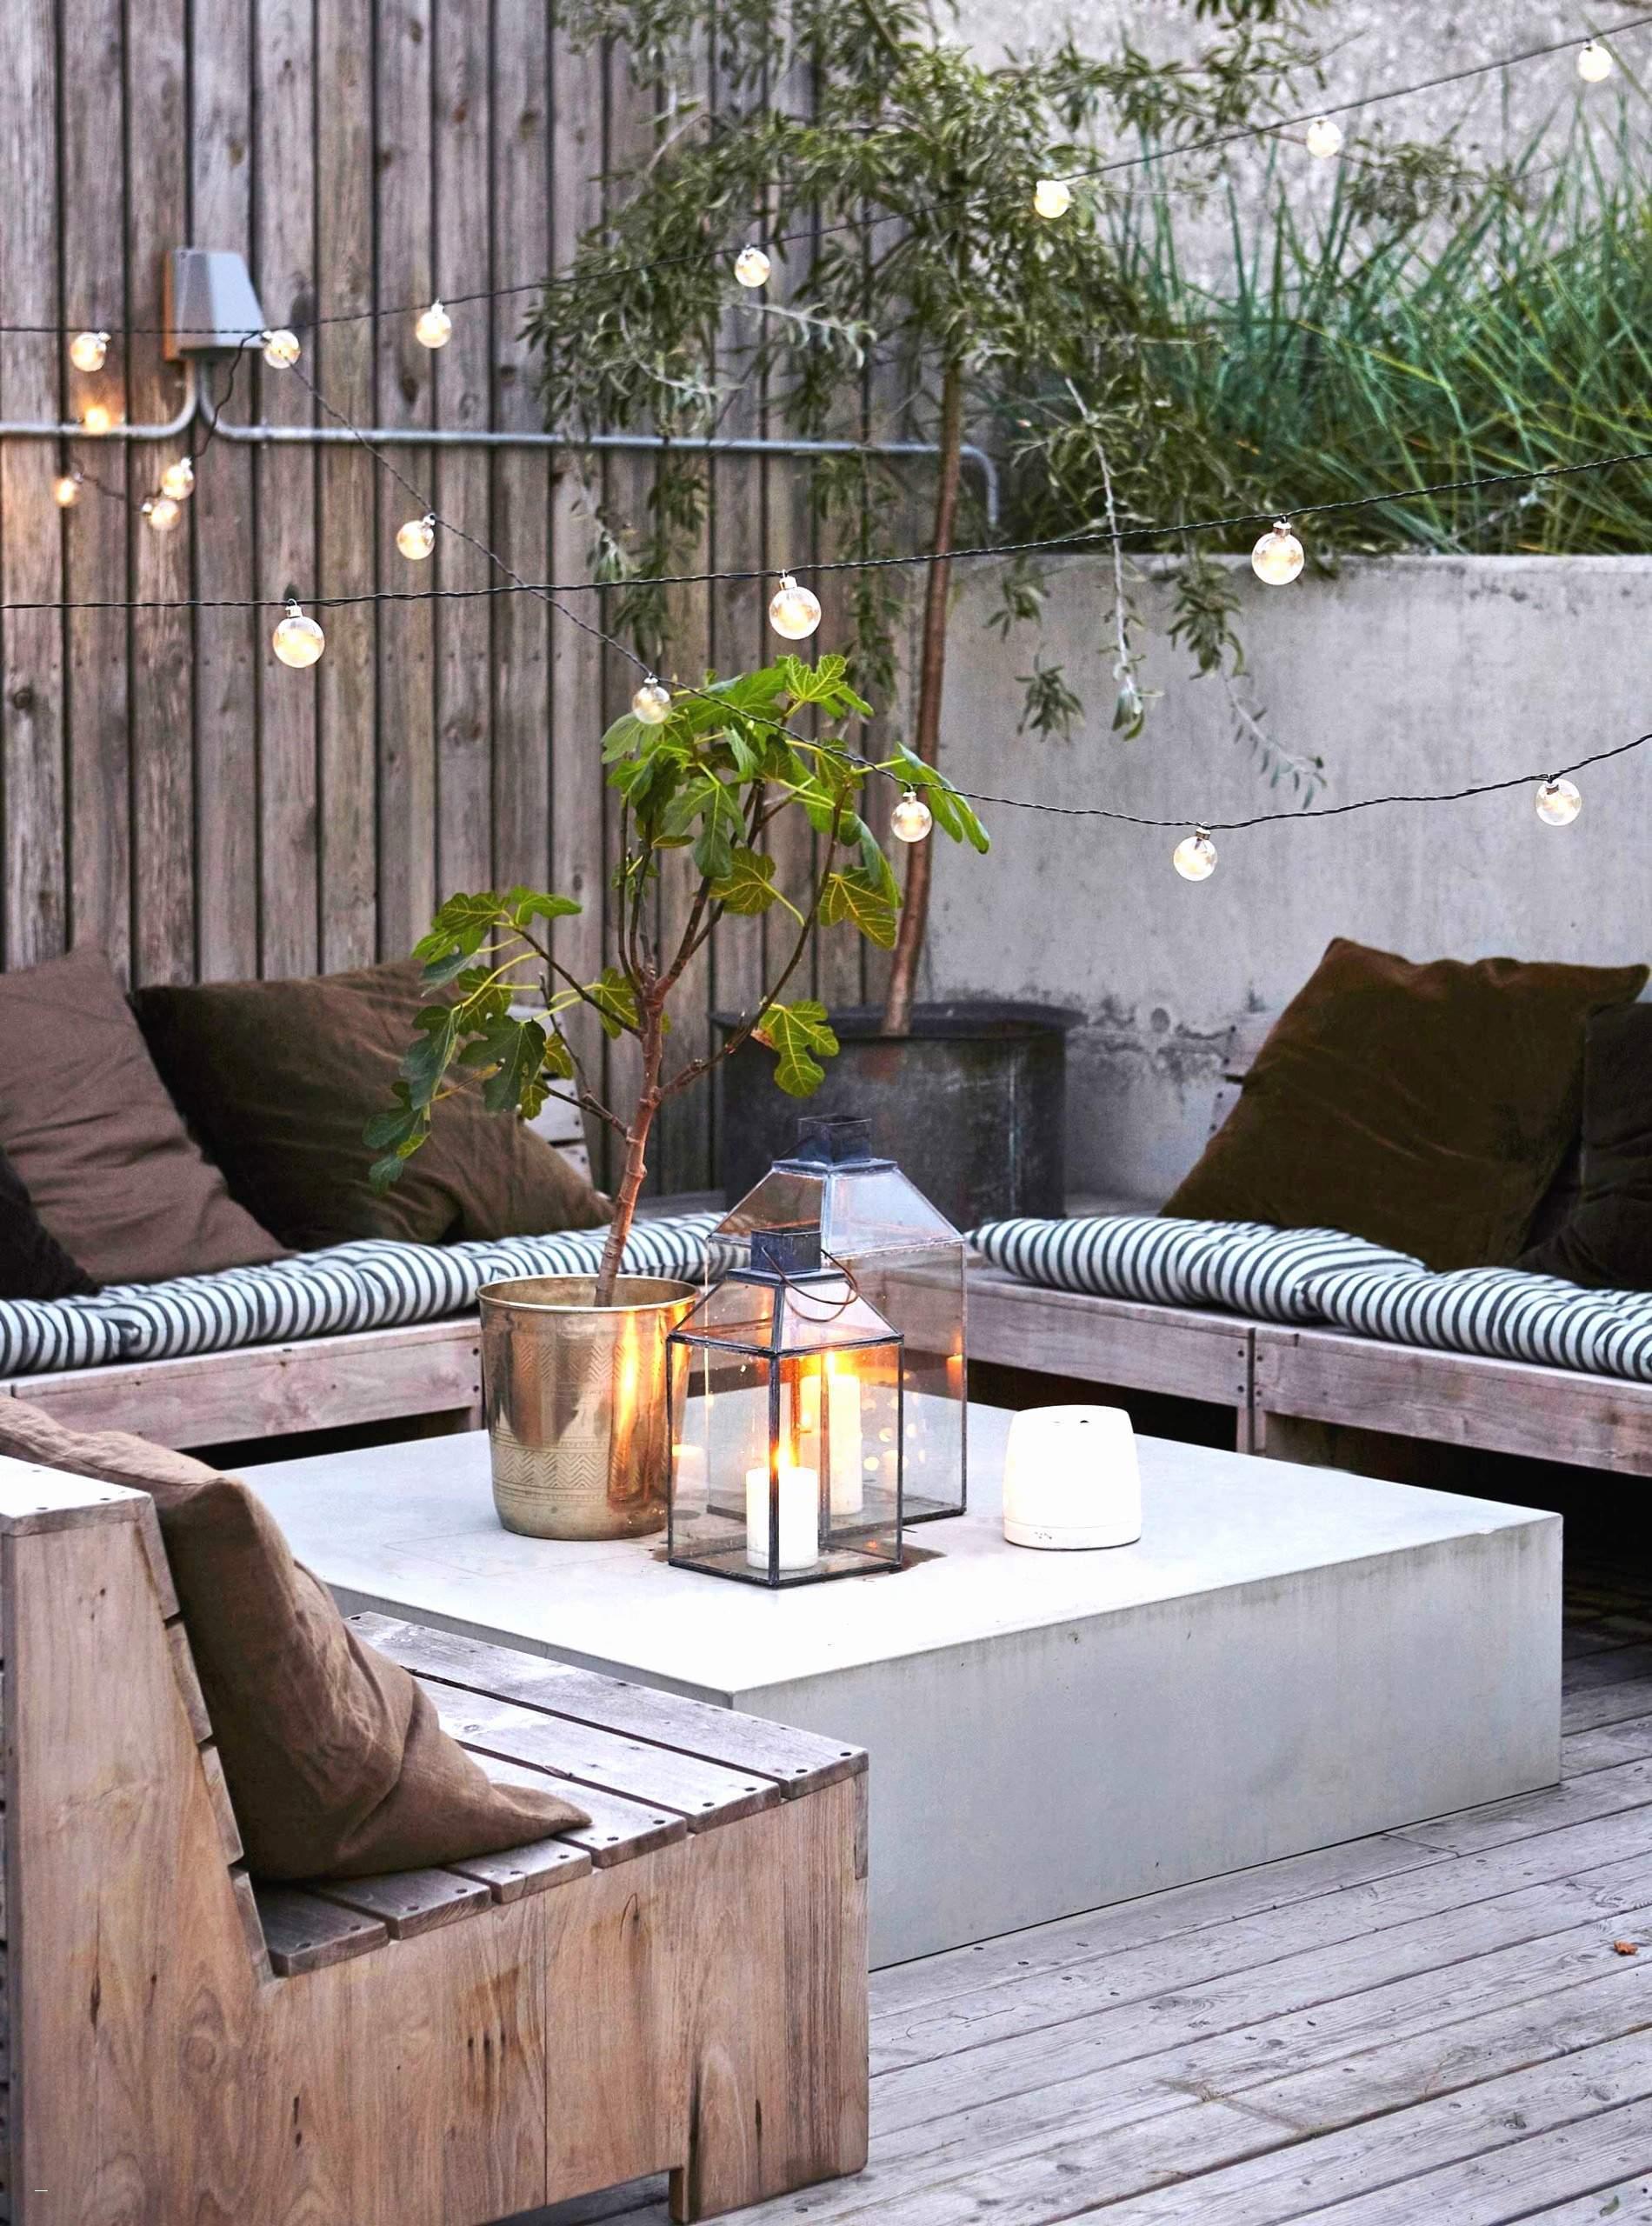 Full Size of Relaxliege Wohnzimmer Ikea Schaukelliege Elegant Kallaideen Luxus Stehlampe Board Fototapete Vorhänge Sessel Deckenlampen Tapete Modulküche Deckenlampe Wohnzimmer Relaxliege Wohnzimmer Ikea